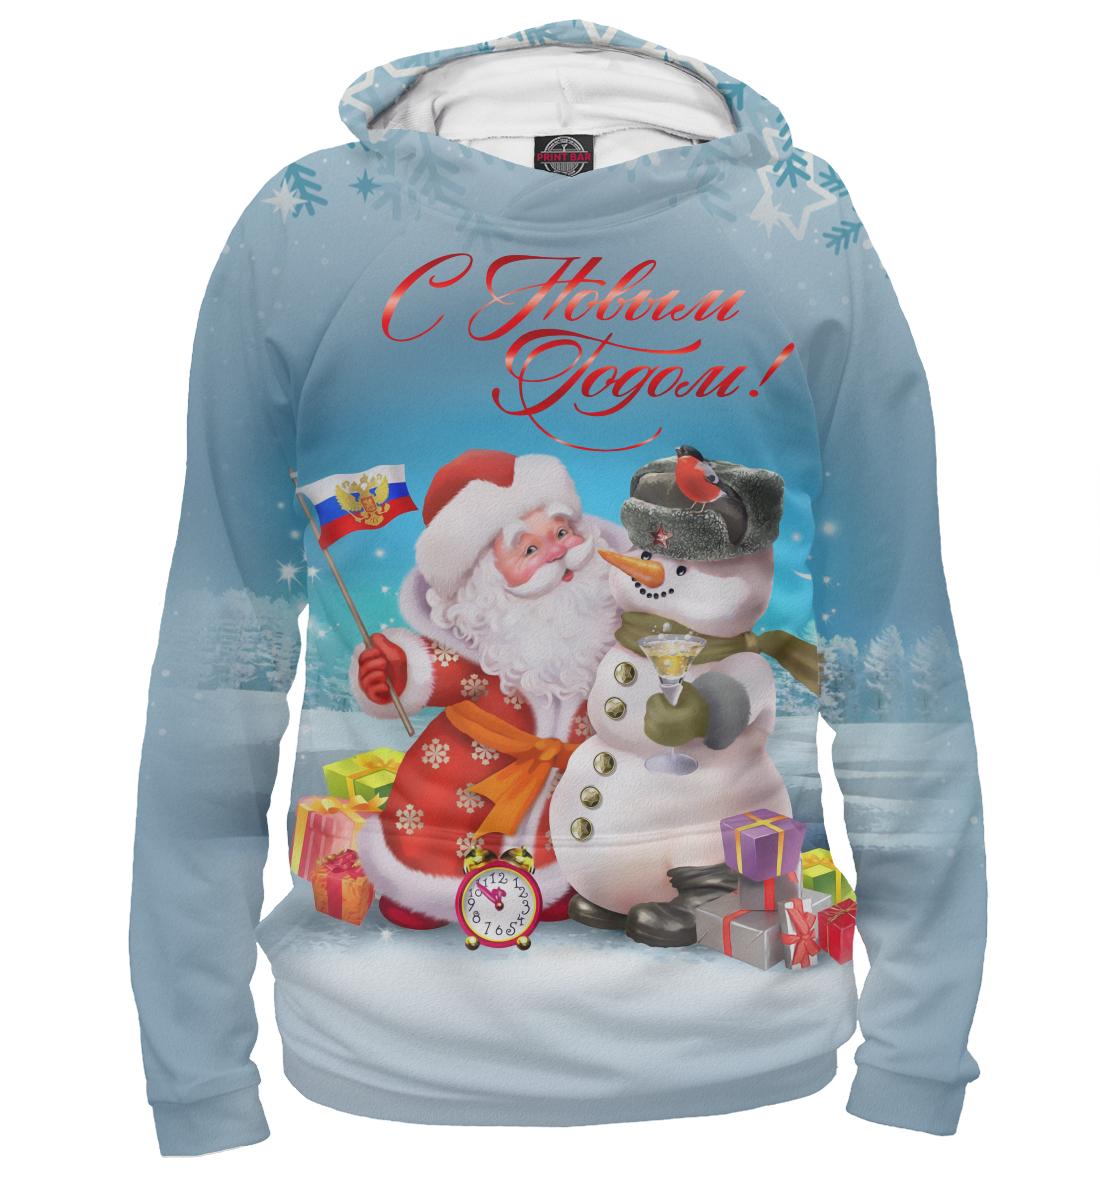 Купить Дед Мороз, Printbar, Худи, NOV-960372-hud-2